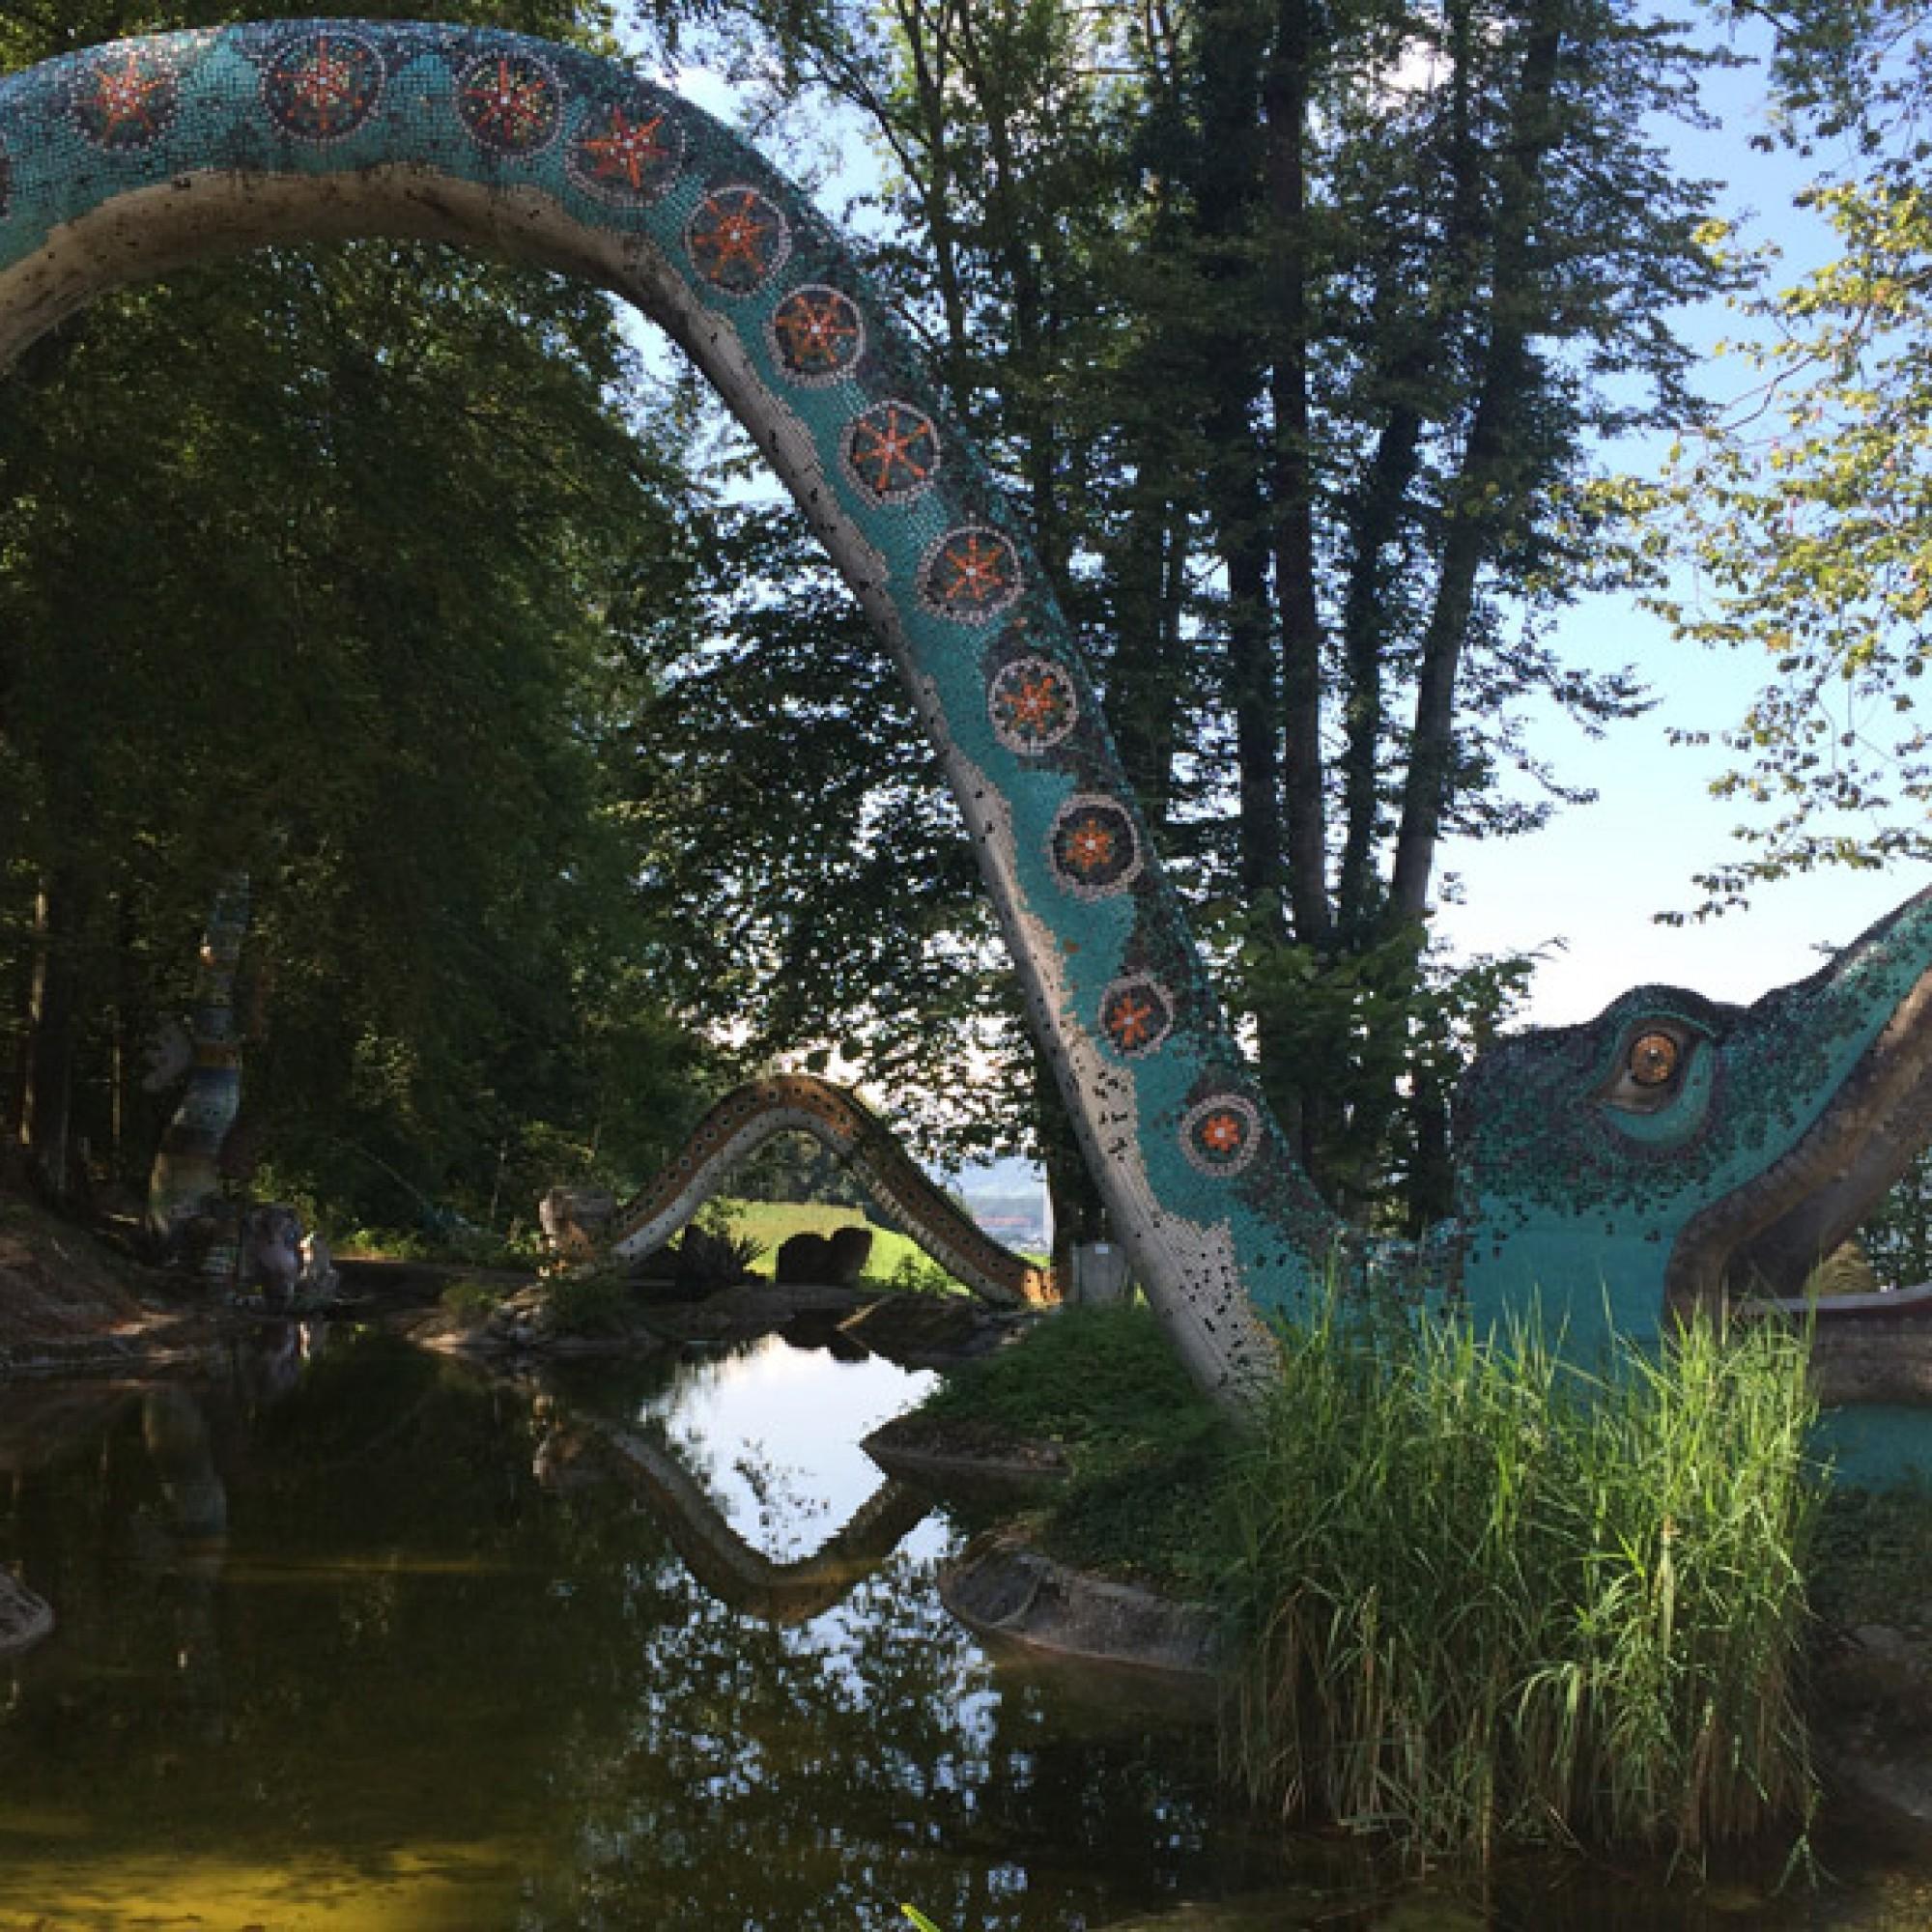 Erinnert an einen riesigen Glücksdrachen: Brücke im Bruno-Weber-Park. (SIlva Maier)